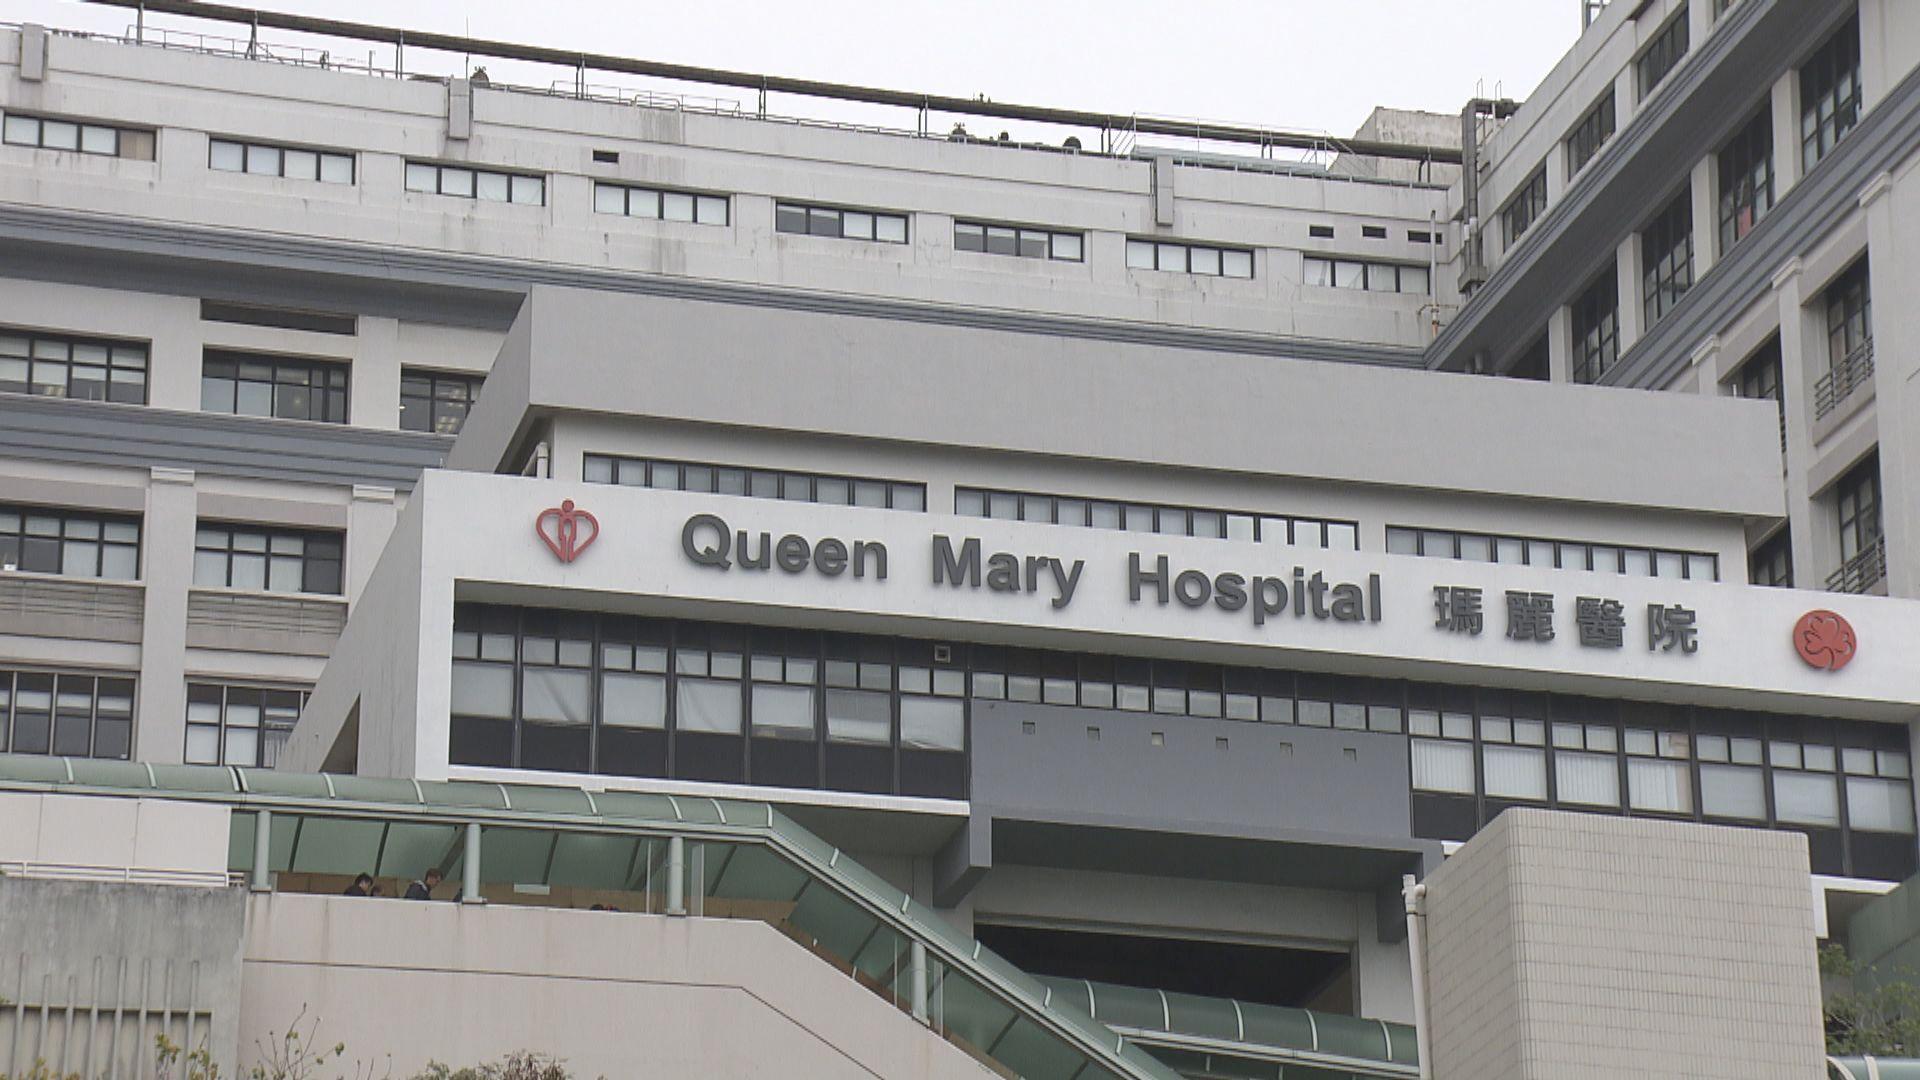 瑪麗醫院繳費處一名女文員初步確診